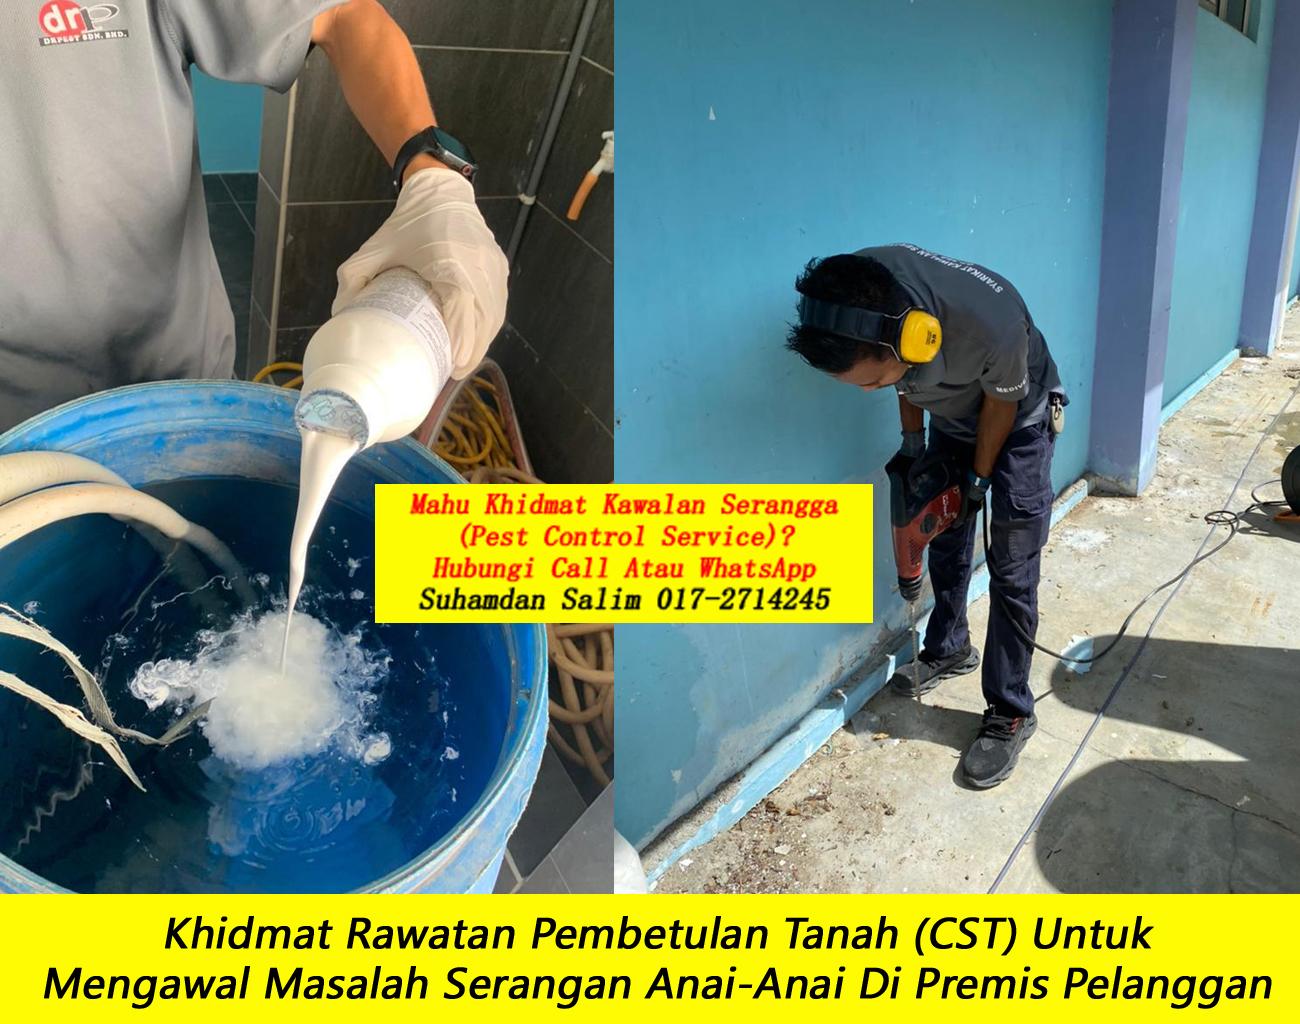 khidmat rawatan dan pencegahan masalah anai anai di Kampung Pandan kl oleh syarikat kawalan serangga company pest control kawalan anai anai yang berkesan terbaik di felda